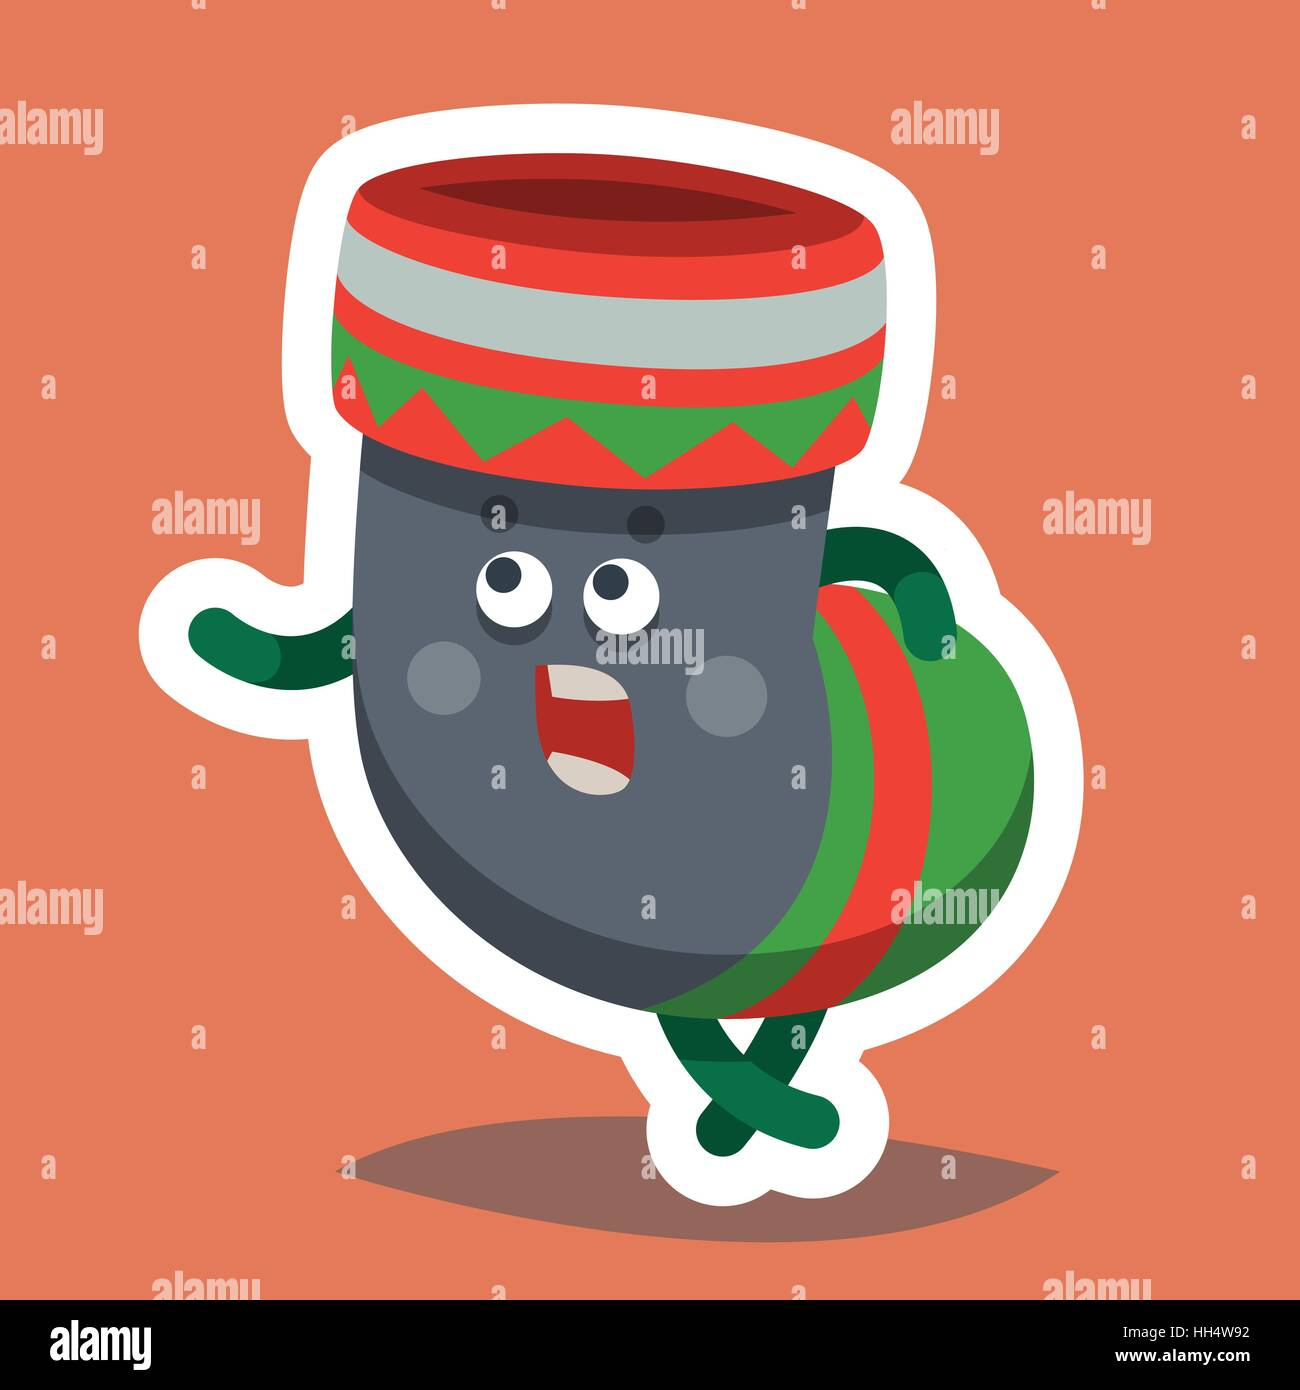 Vector Illustration Emoticone Icone Emoji Sur Le Theme Des Vacances D Hiver Emoticon Automne Noel Et Nouvel An Bonne Annee Sock Image Vectorielle Stock Alamy